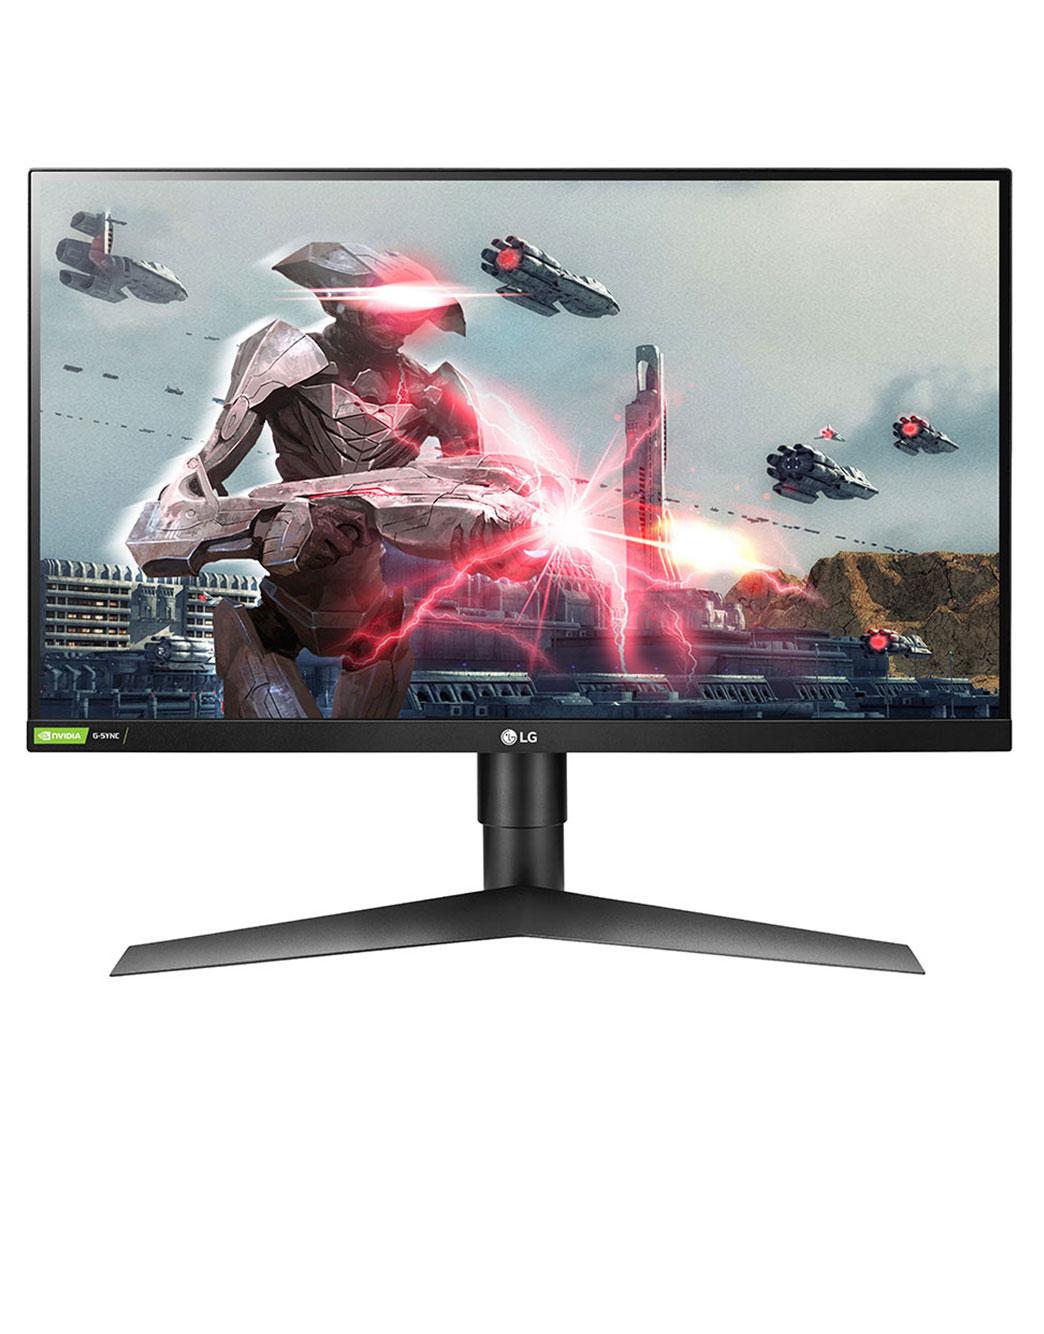 LG Electronics UltraGear 27GL63T-B Monitor ! FHD+HDR+144hz freesync +gsync